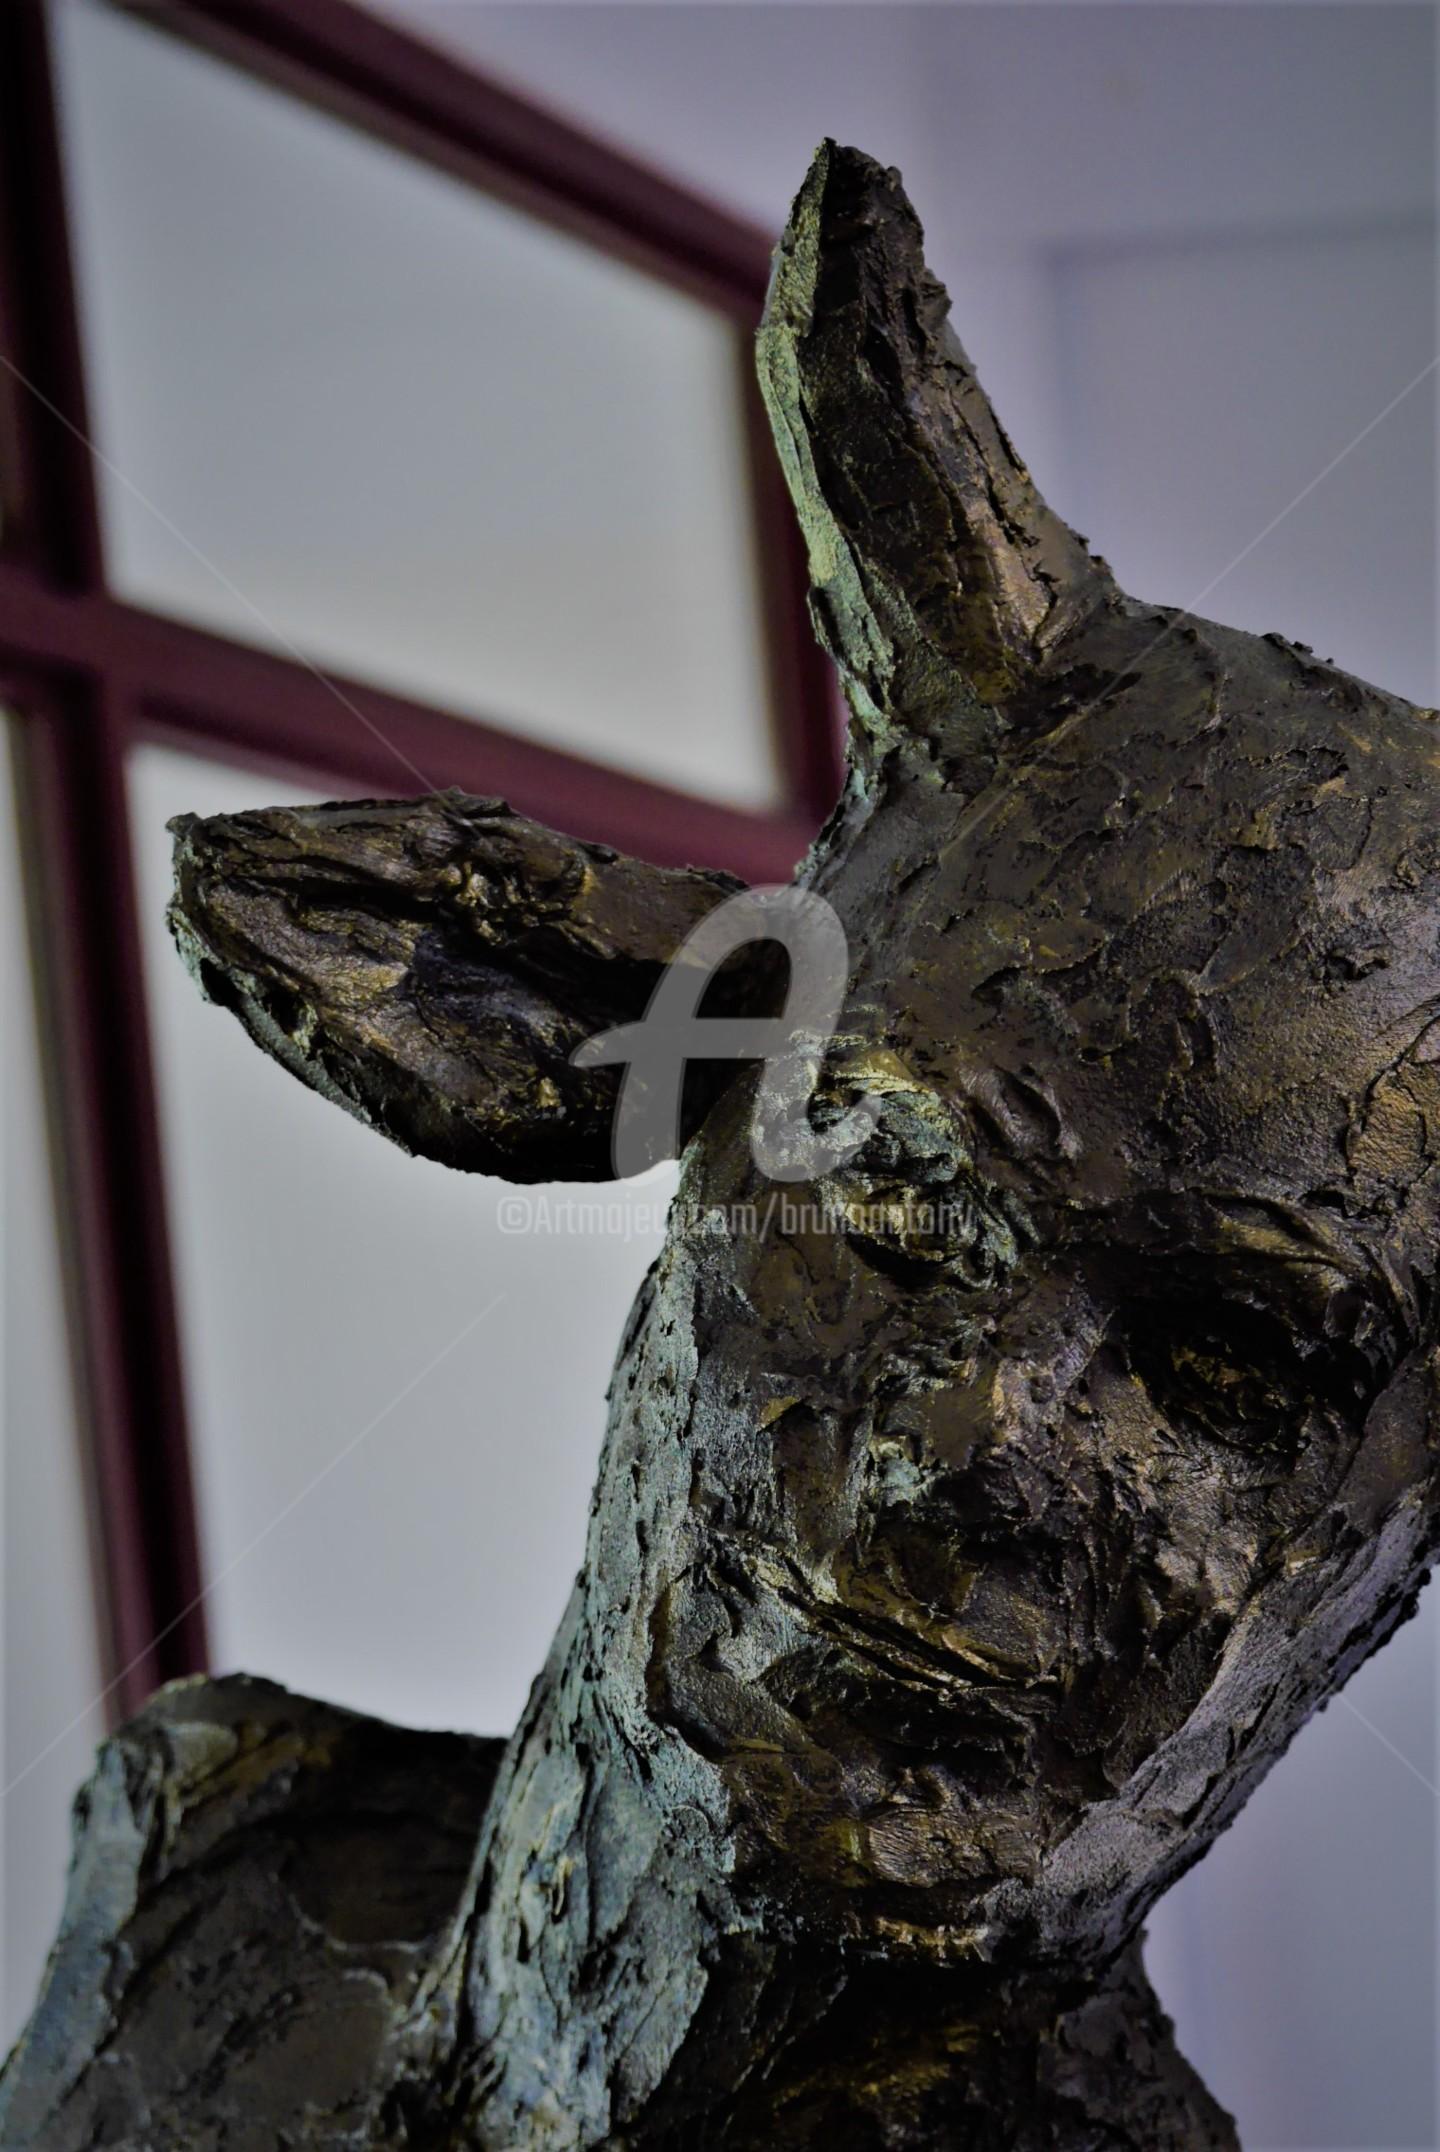 bruno antony-thouret (bruno antony) - Hybride en créeation